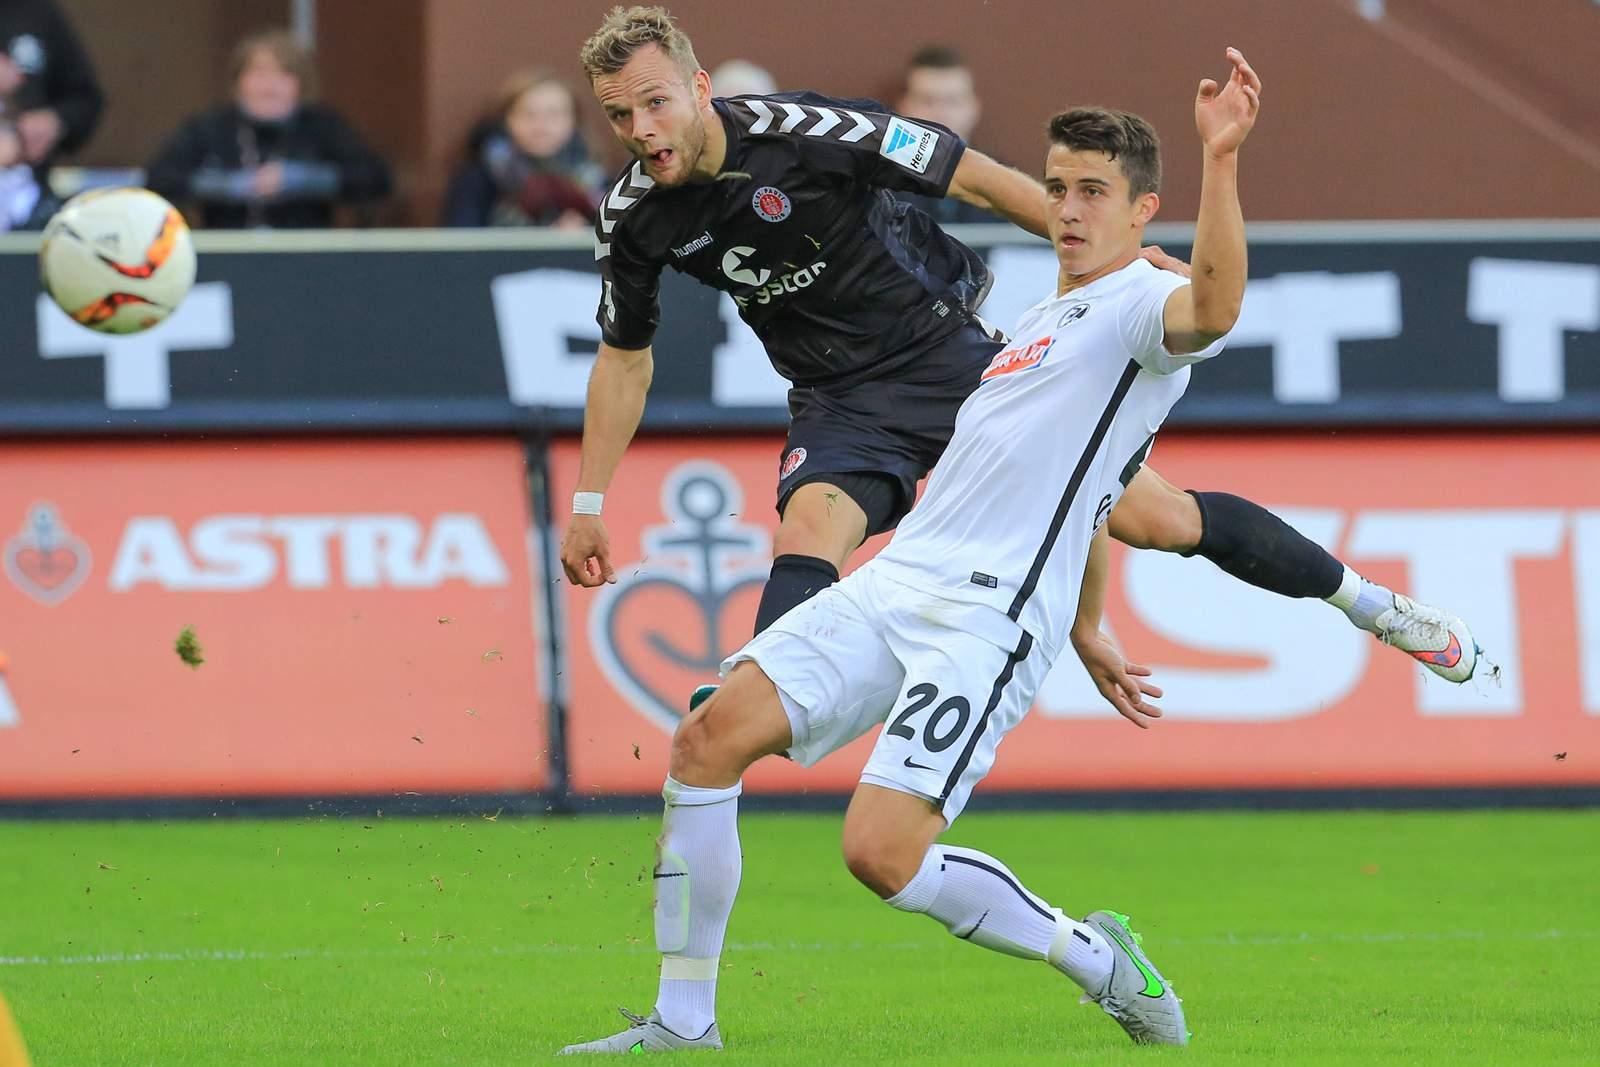 Trifft Lennart Thy wieder? Unser Tipp: Freiburg gewinnt gegen St. Pauli